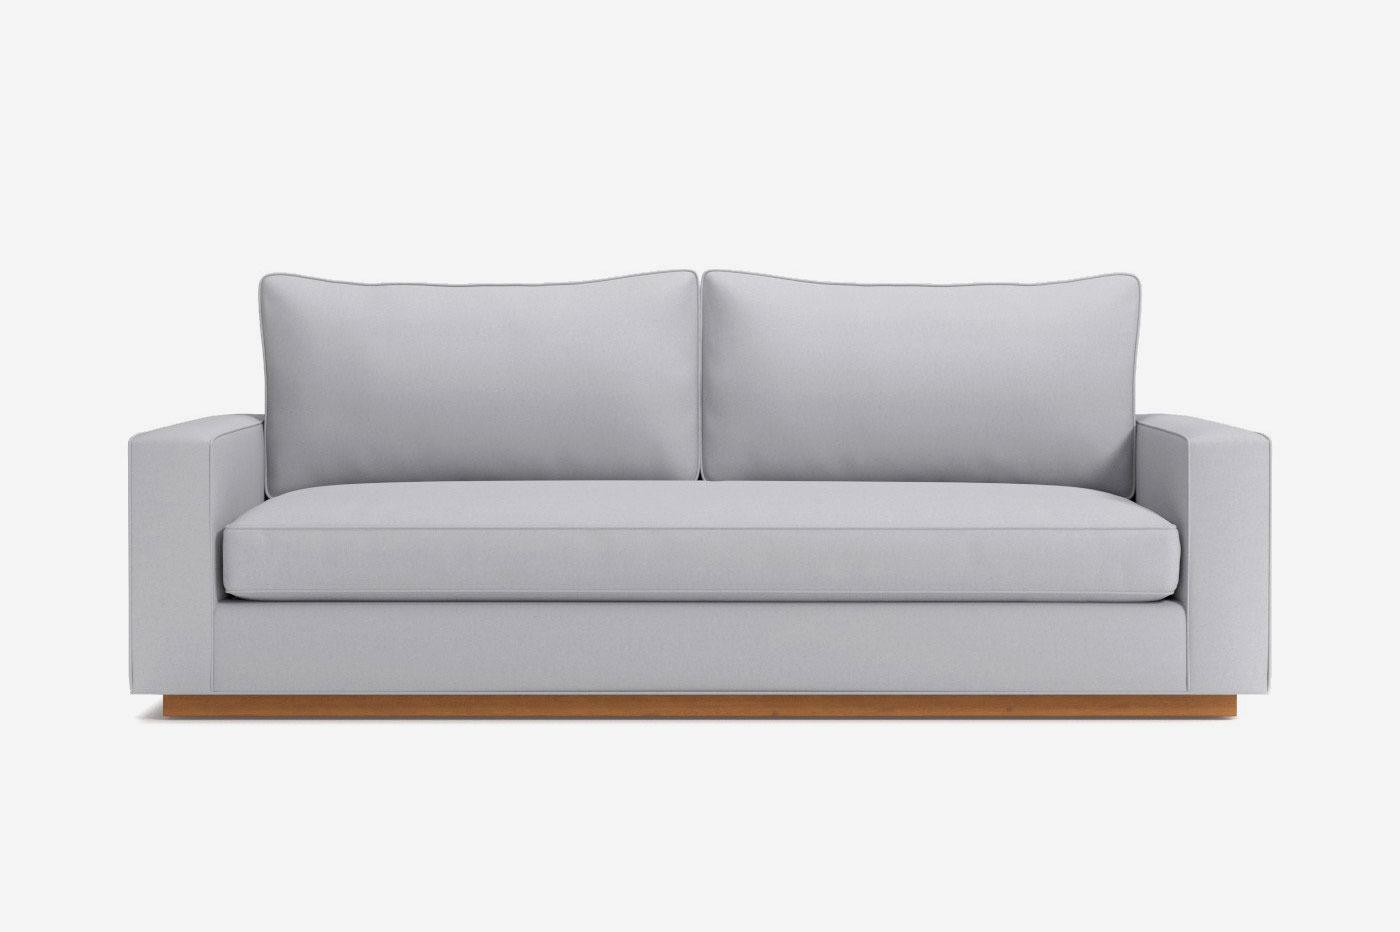 Harper Queen Size Sleeper Sofa